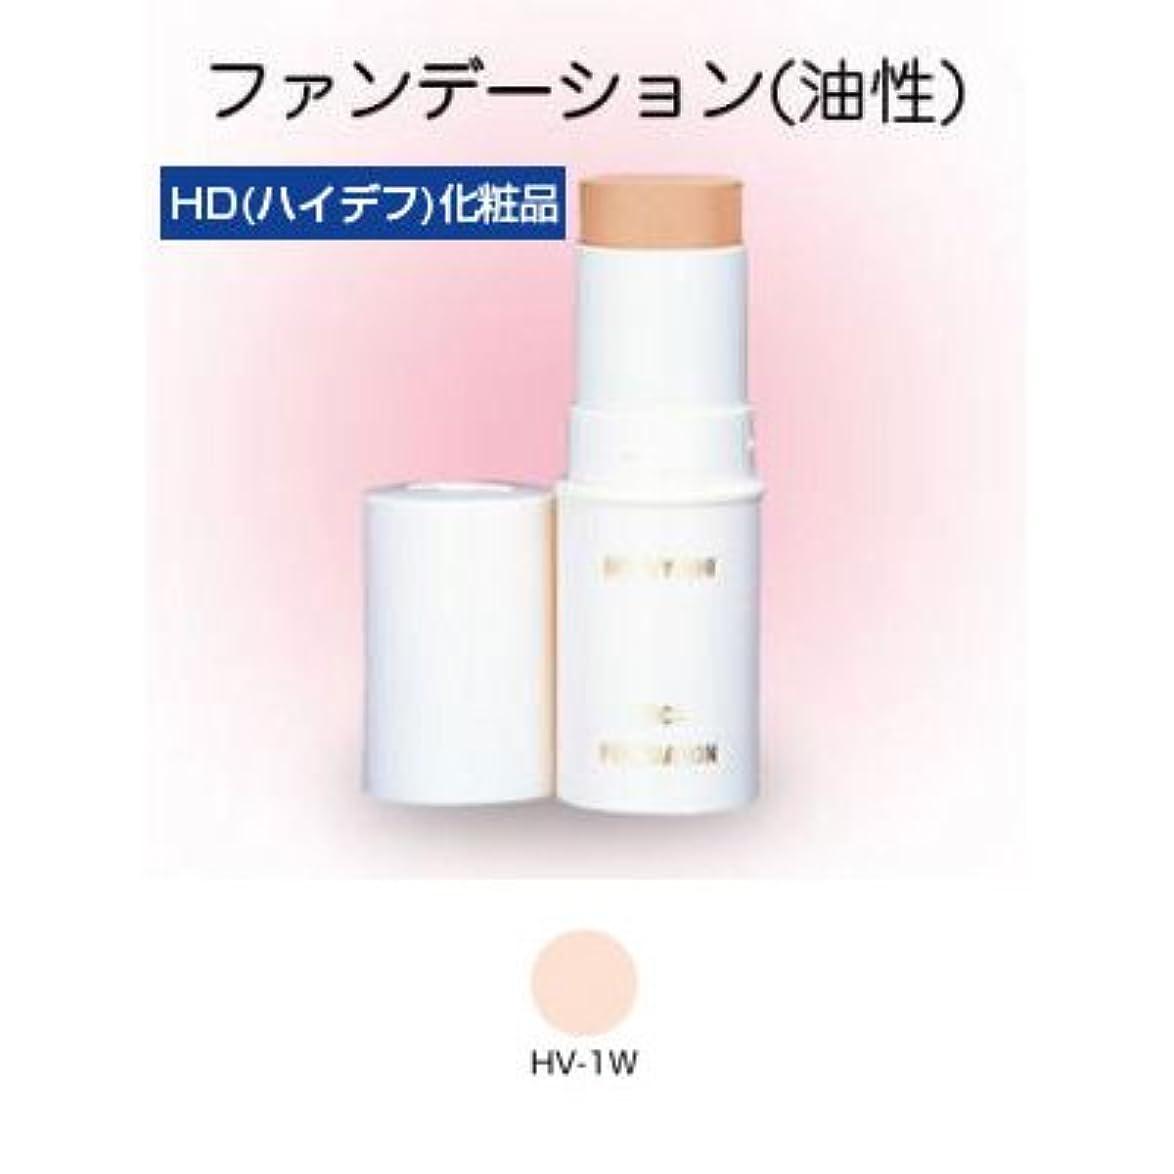 破滅的な不快幾何学スティックファンデーション HD化粧品 17g 1W 【三善】